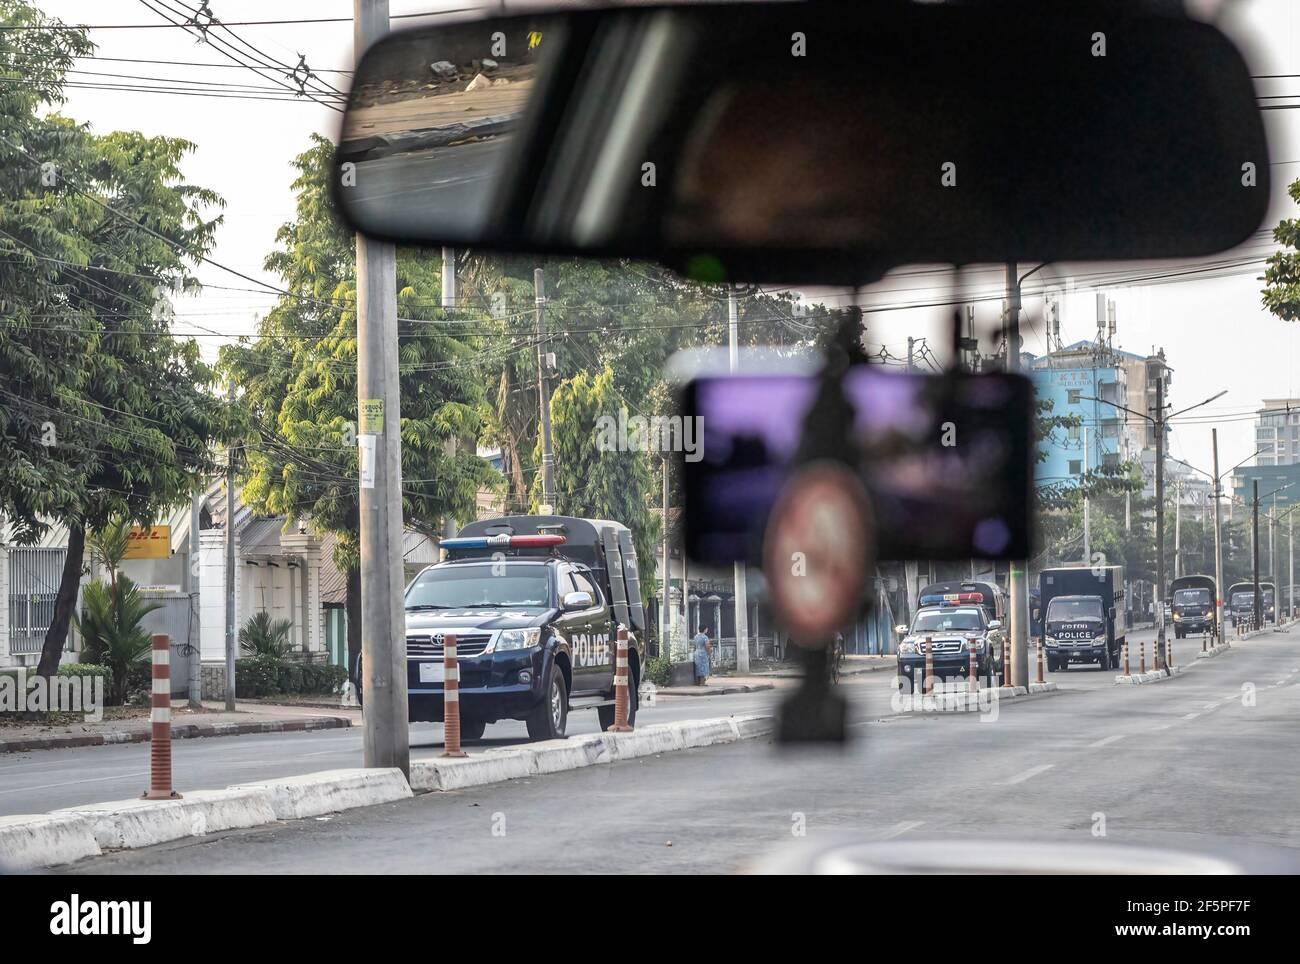 Des camions de police sont vus dans la rue au cours d'une manifestation contre le coup d'État militaire.la police et les militaires du Myanmar (tatmadow) ont attaqué les manifestants avec des balles en caoutchouc, des munitions réelles, des gaz lacrymogènes et des bombes lacrymogènes en réponse aux manifestants anti-coup d'État militaire de samedi, tuant plus de 90 personnes et en ont blessé beaucoup d'autres. Au moins 300 personnes ont été tuées au Myanmar depuis le coup d'État du 1er février, a déclaré un responsable des droits de l'homme de l'ONU. L'armée du Myanmar a détenu le conseiller d'État du Myanmar Aung San Suu Kyi le 01 février 2021 et a déclaré l'état d'urgence tout en prenant le pouvoir dans la co Banque D'Images